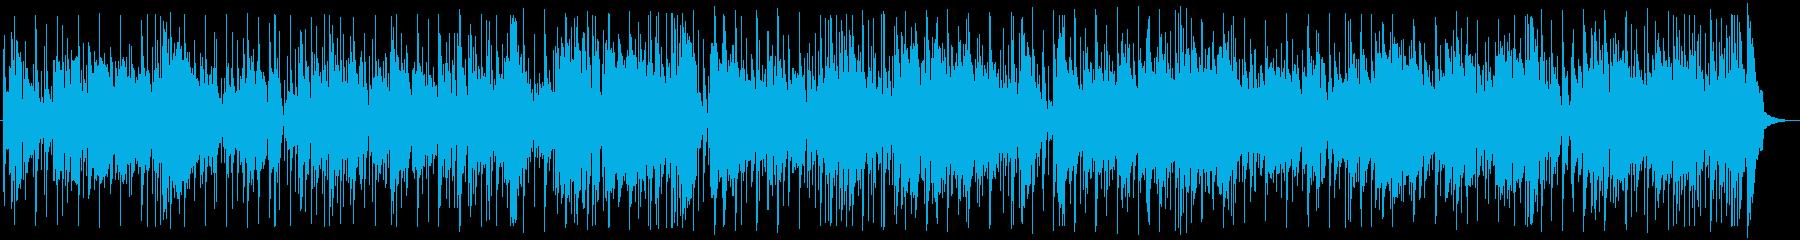 ファンキーな3コードの軽快なサウンドの再生済みの波形